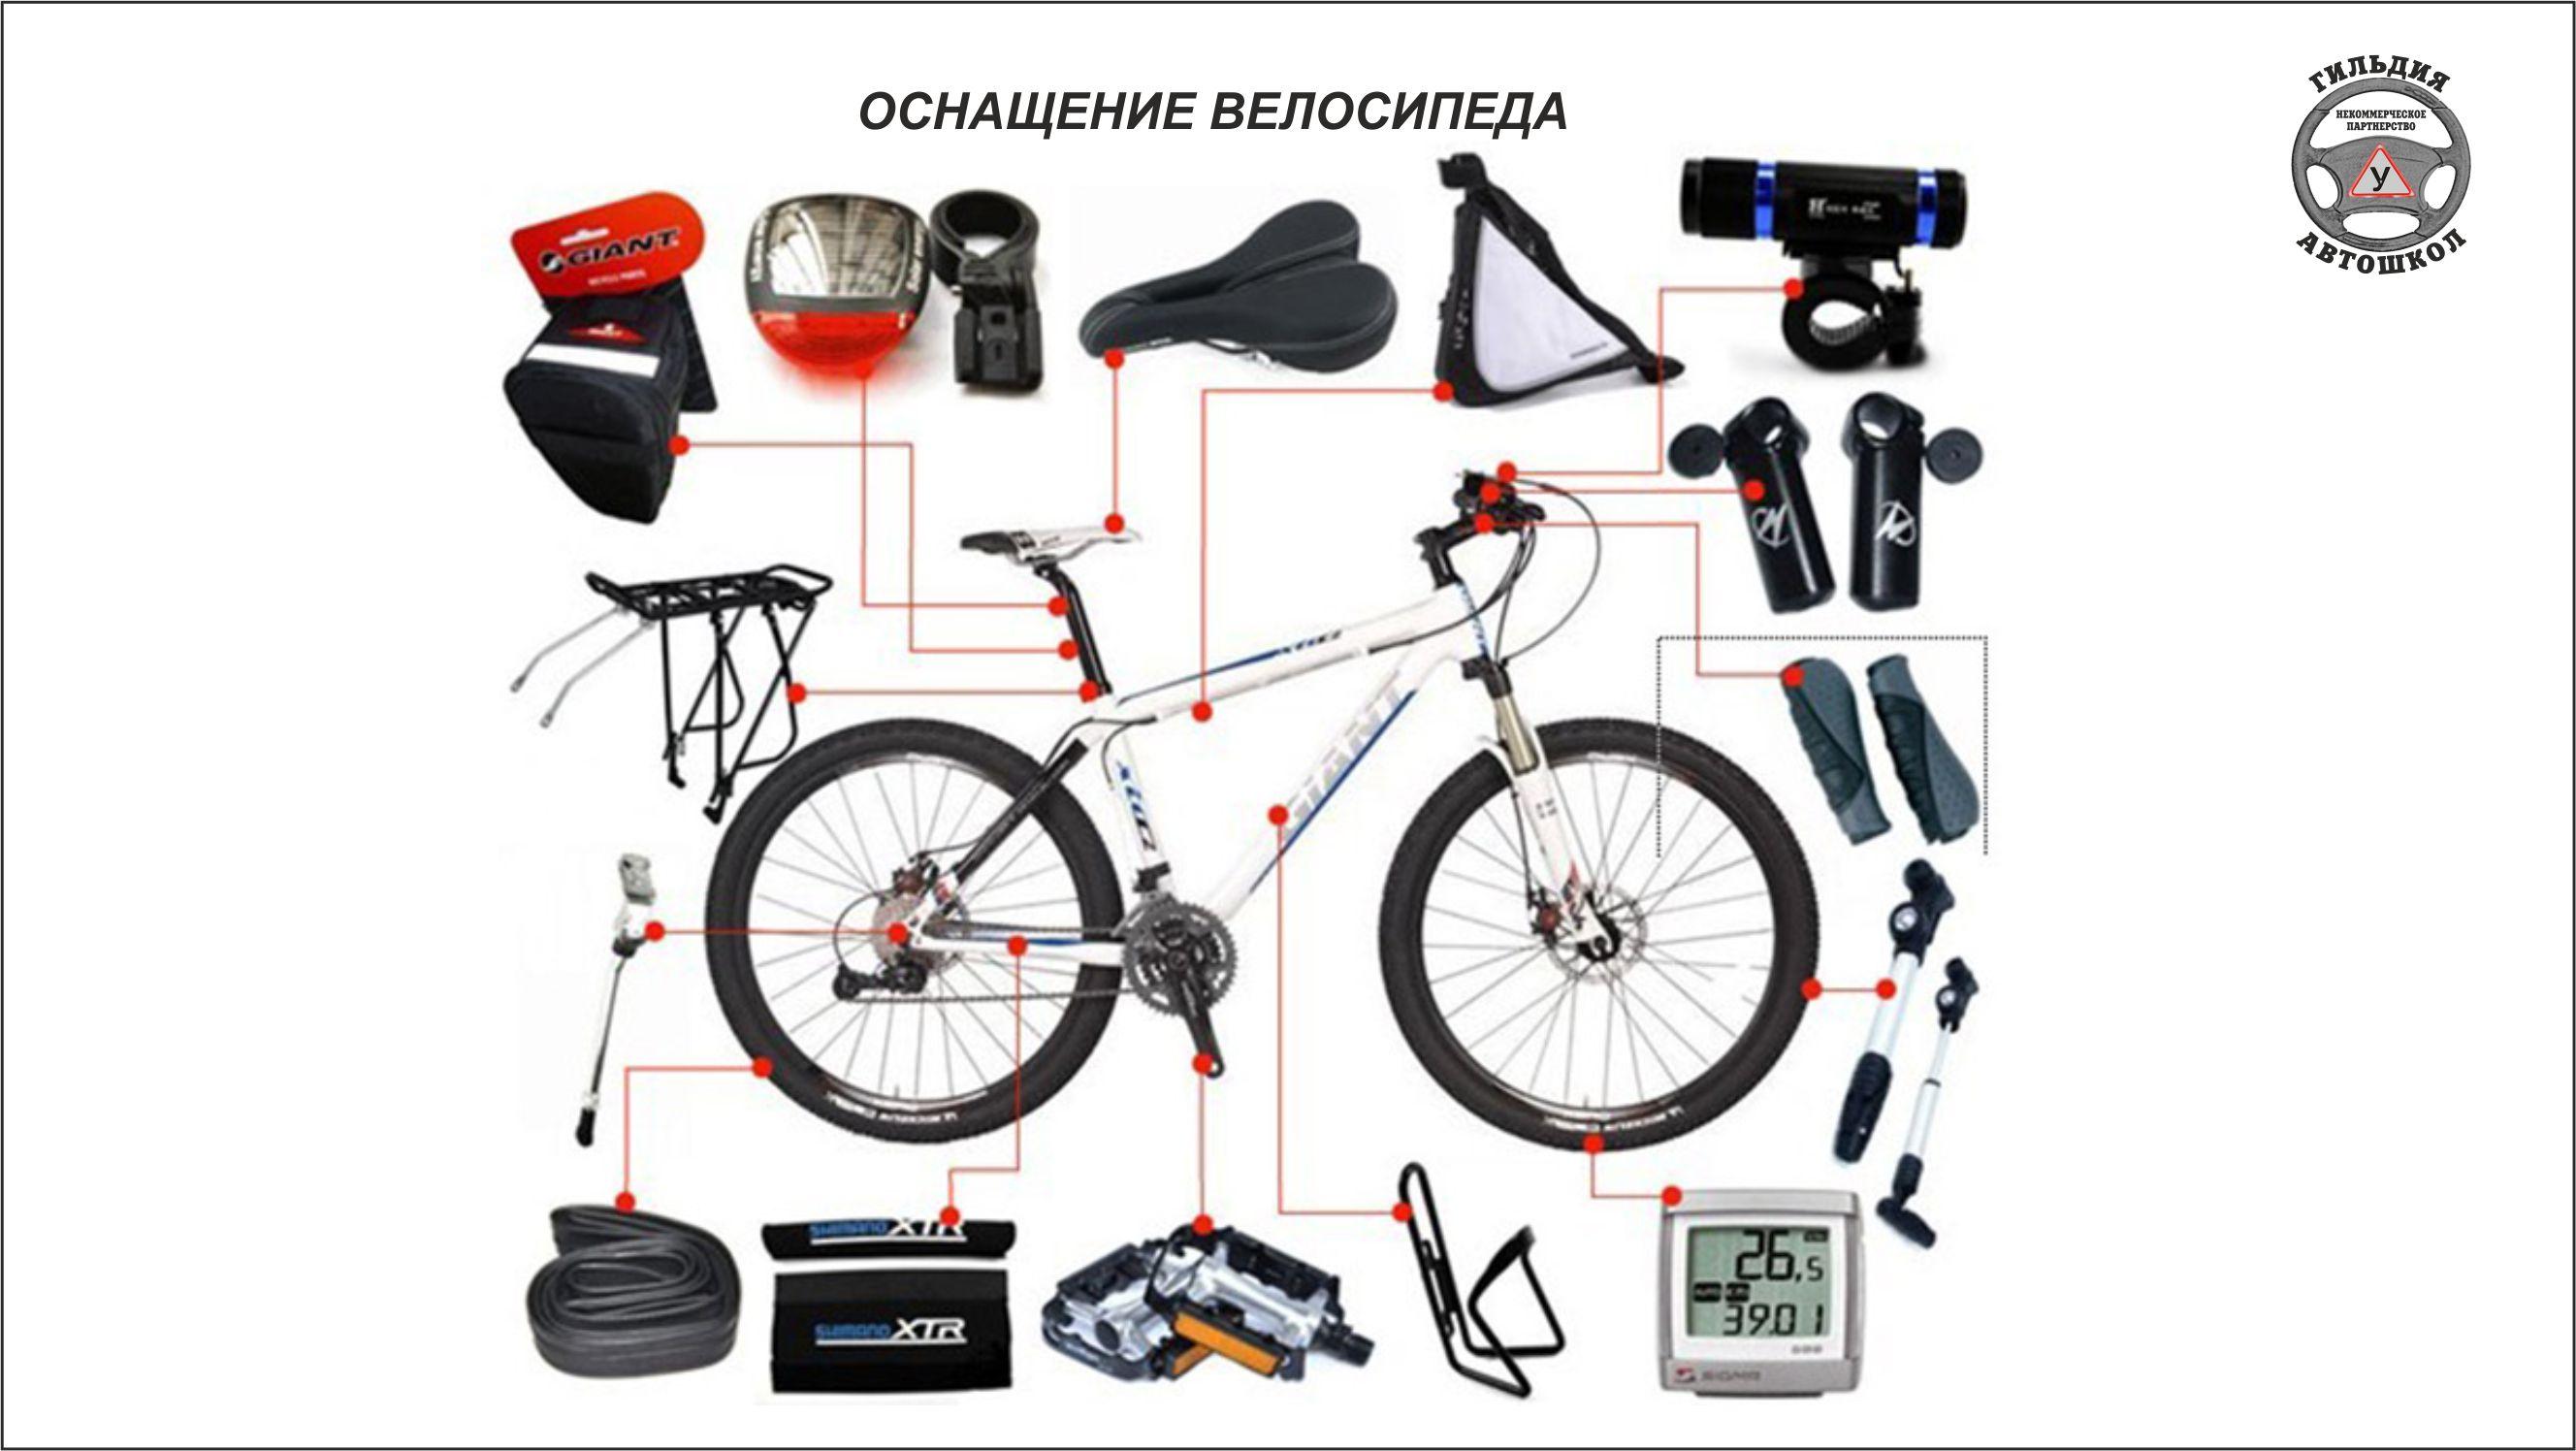 Какими аксессуарами дополнить велосипед?